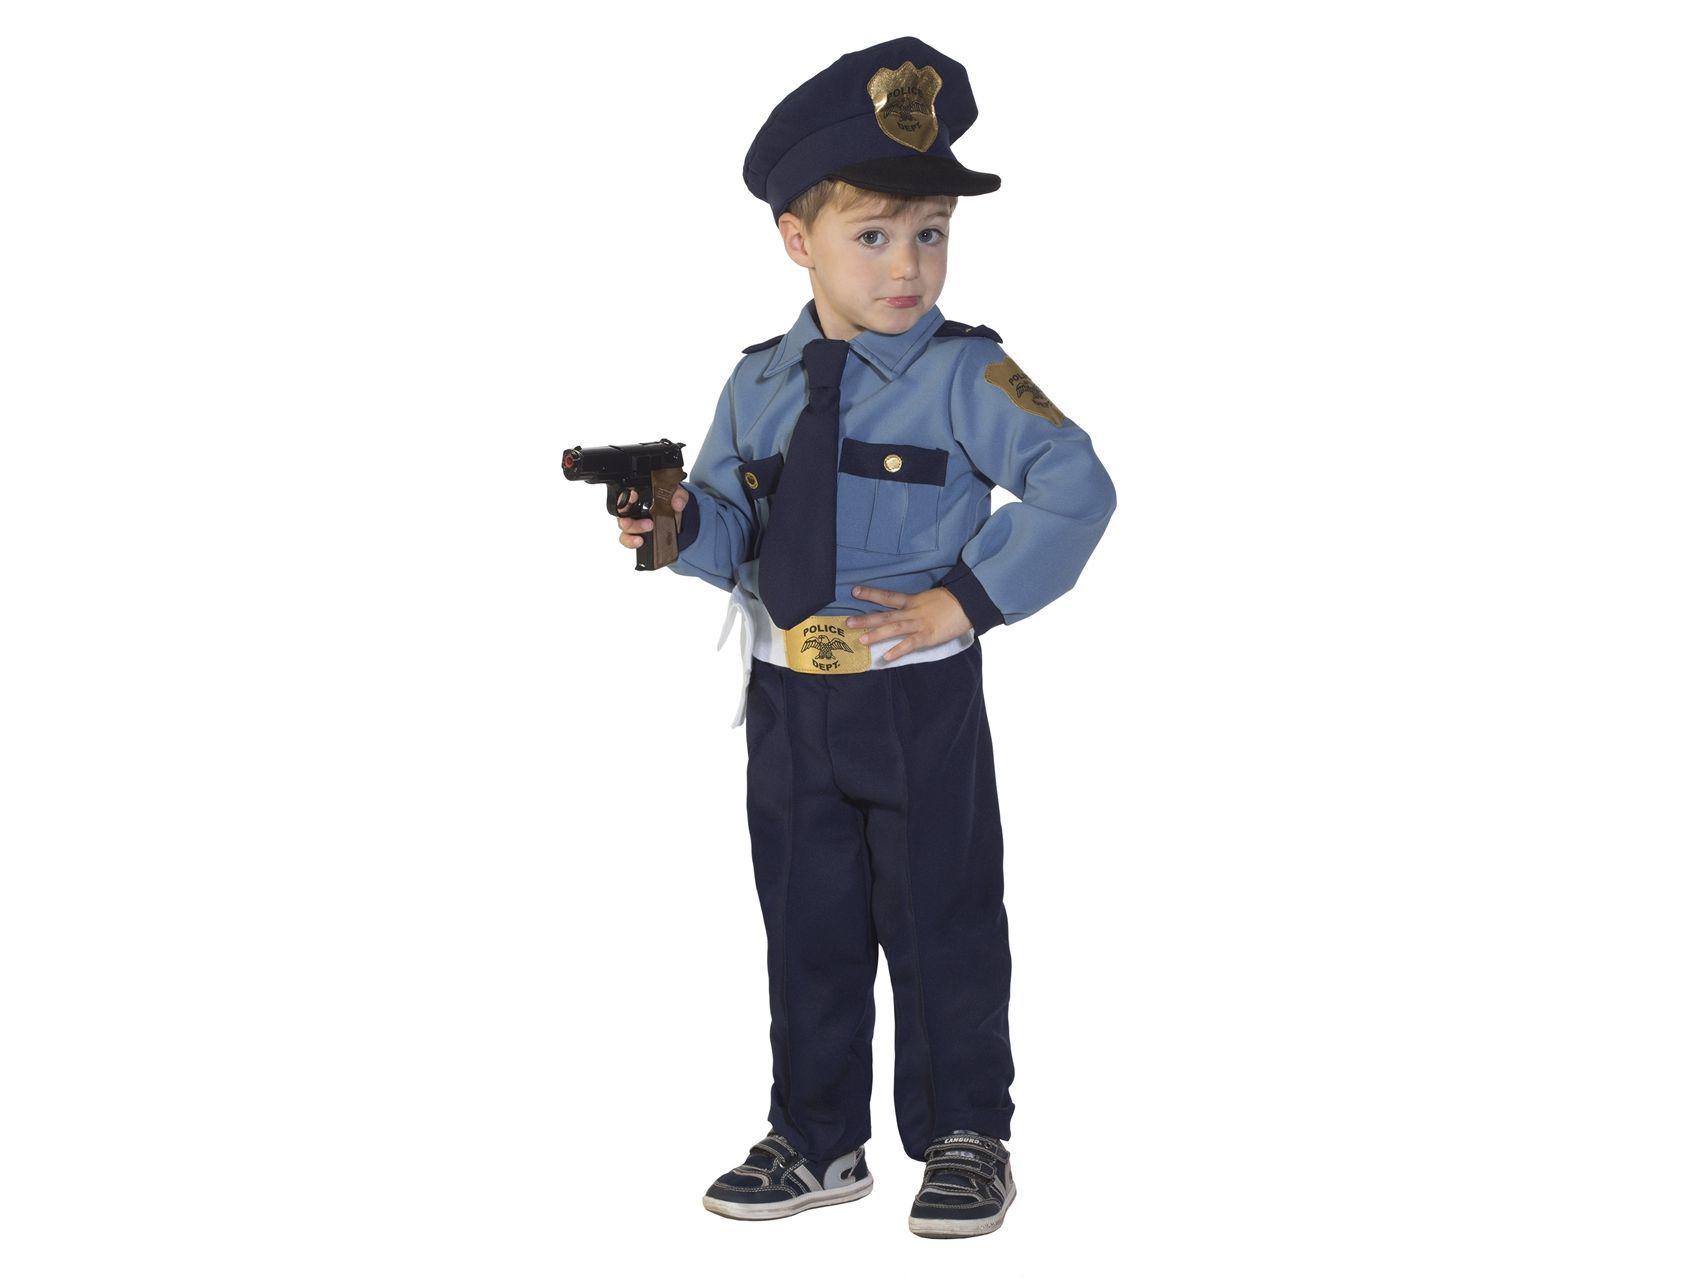 prezzo imbattibile limpido in vista colore n brillante Costume di carnevale Baby Policeman - Il poliziotto